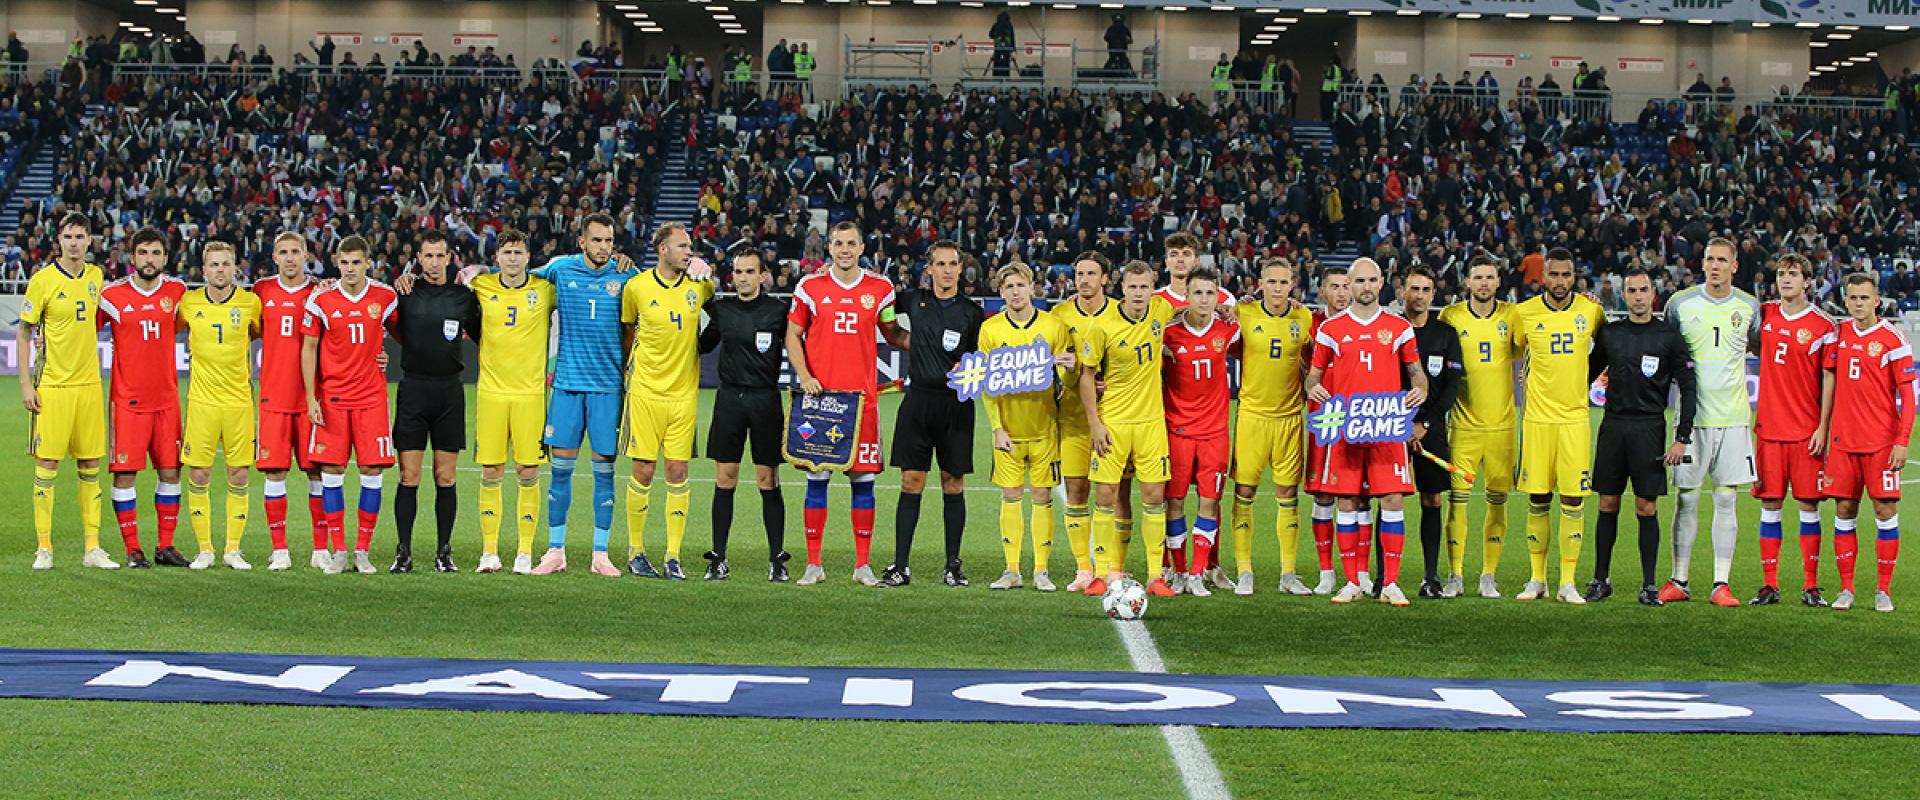 Контрольный матч Россия - Швеция состоится в Москве